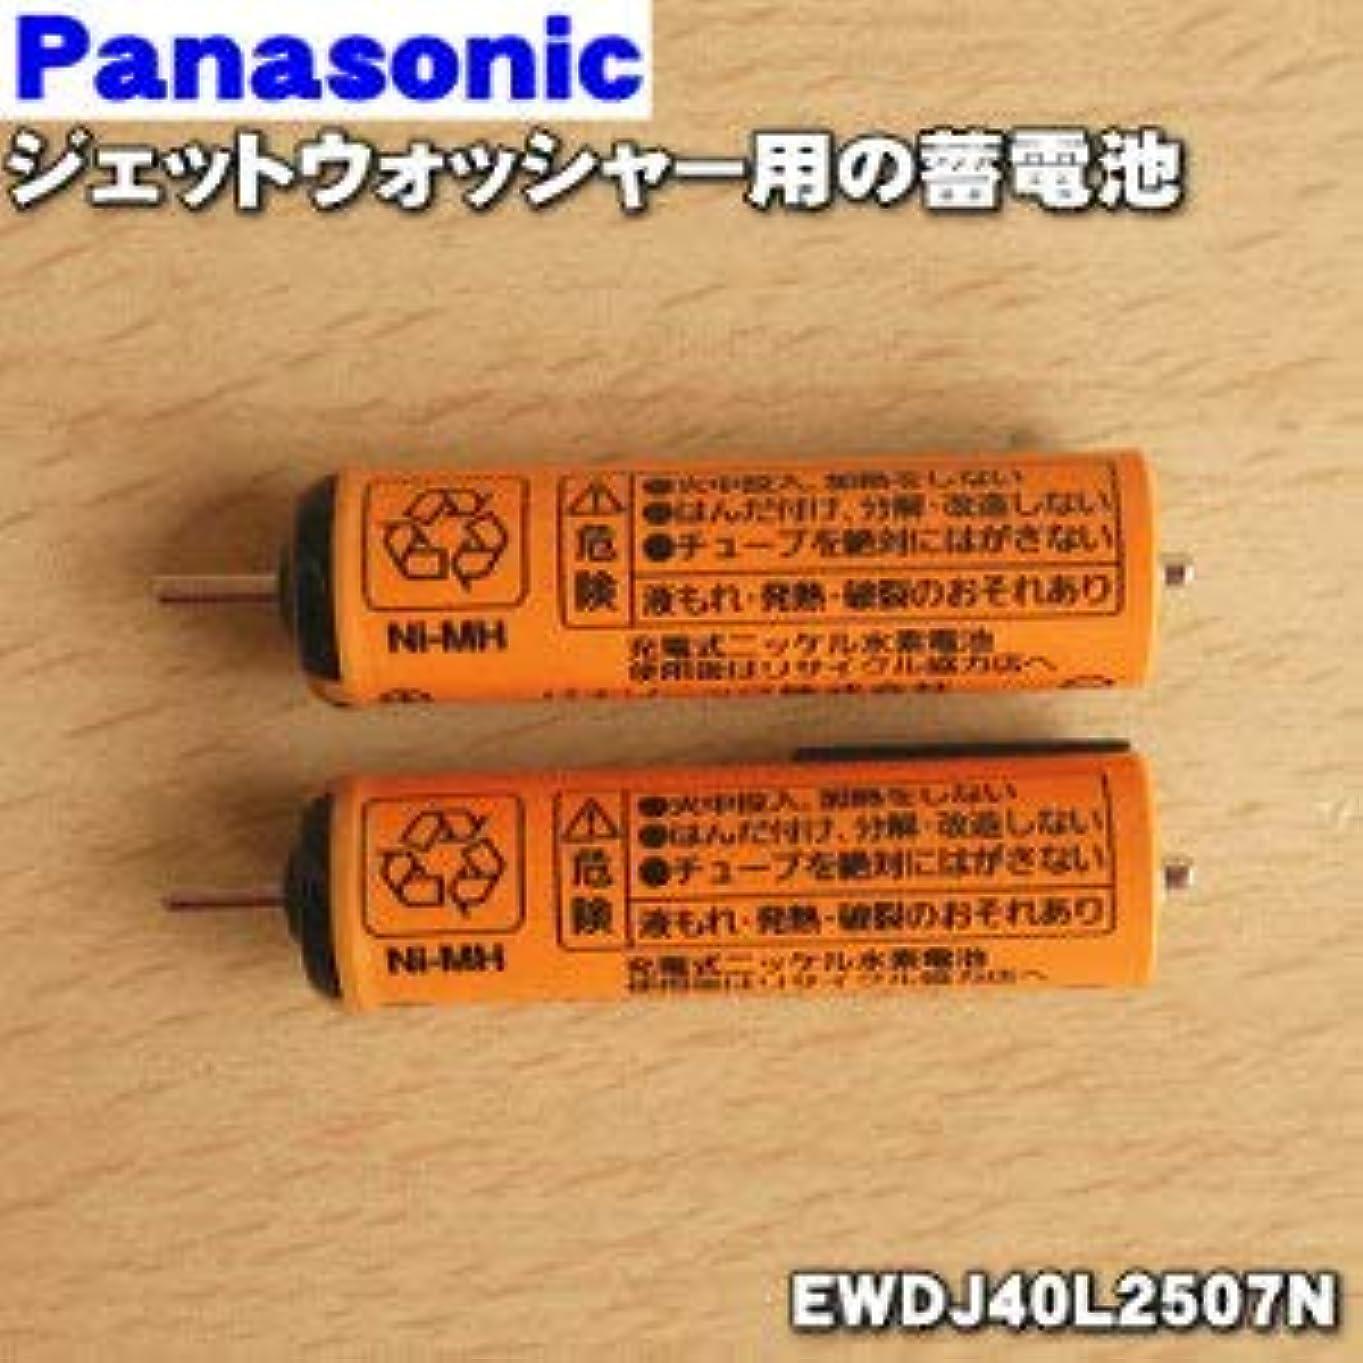 我慢する耳リースパナソニック Panasonic 音波振動ハブラシ Doltz 蓄電池交換用蓄電池 EWDJ40L2507N